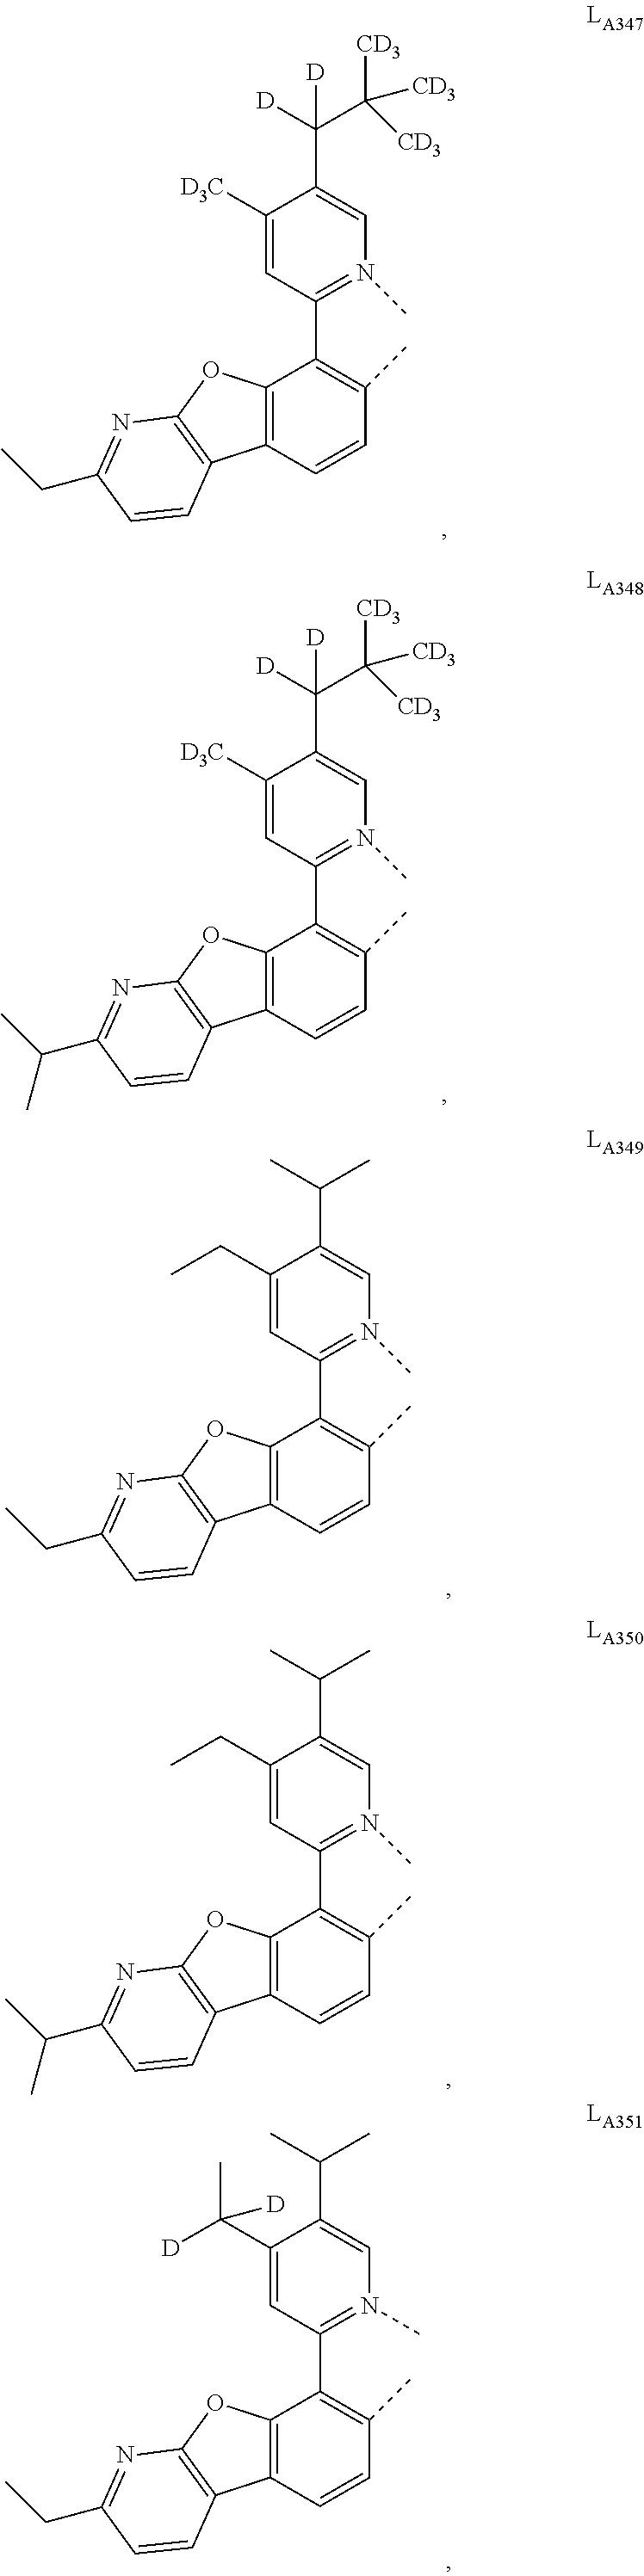 Figure US20160049599A1-20160218-C00475